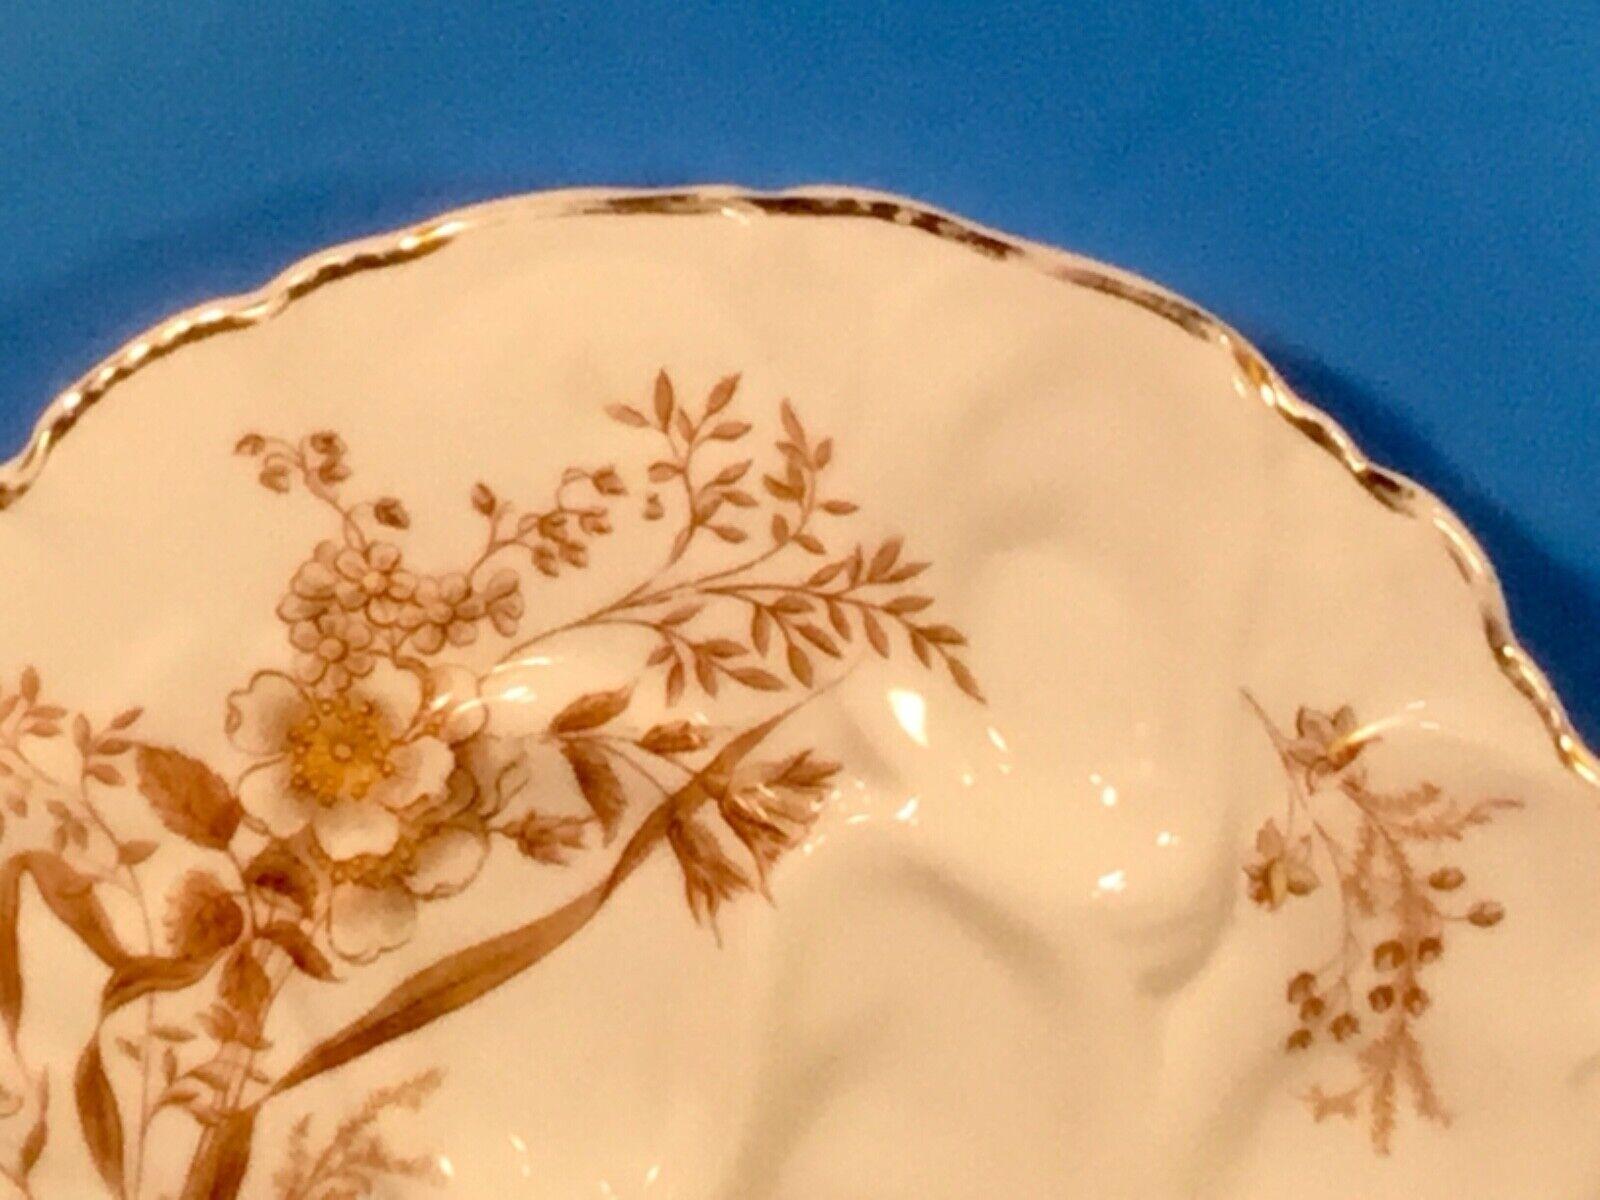 Antique Haviland Limoges Turkey Oyster Plate C.1800 s - $150.00